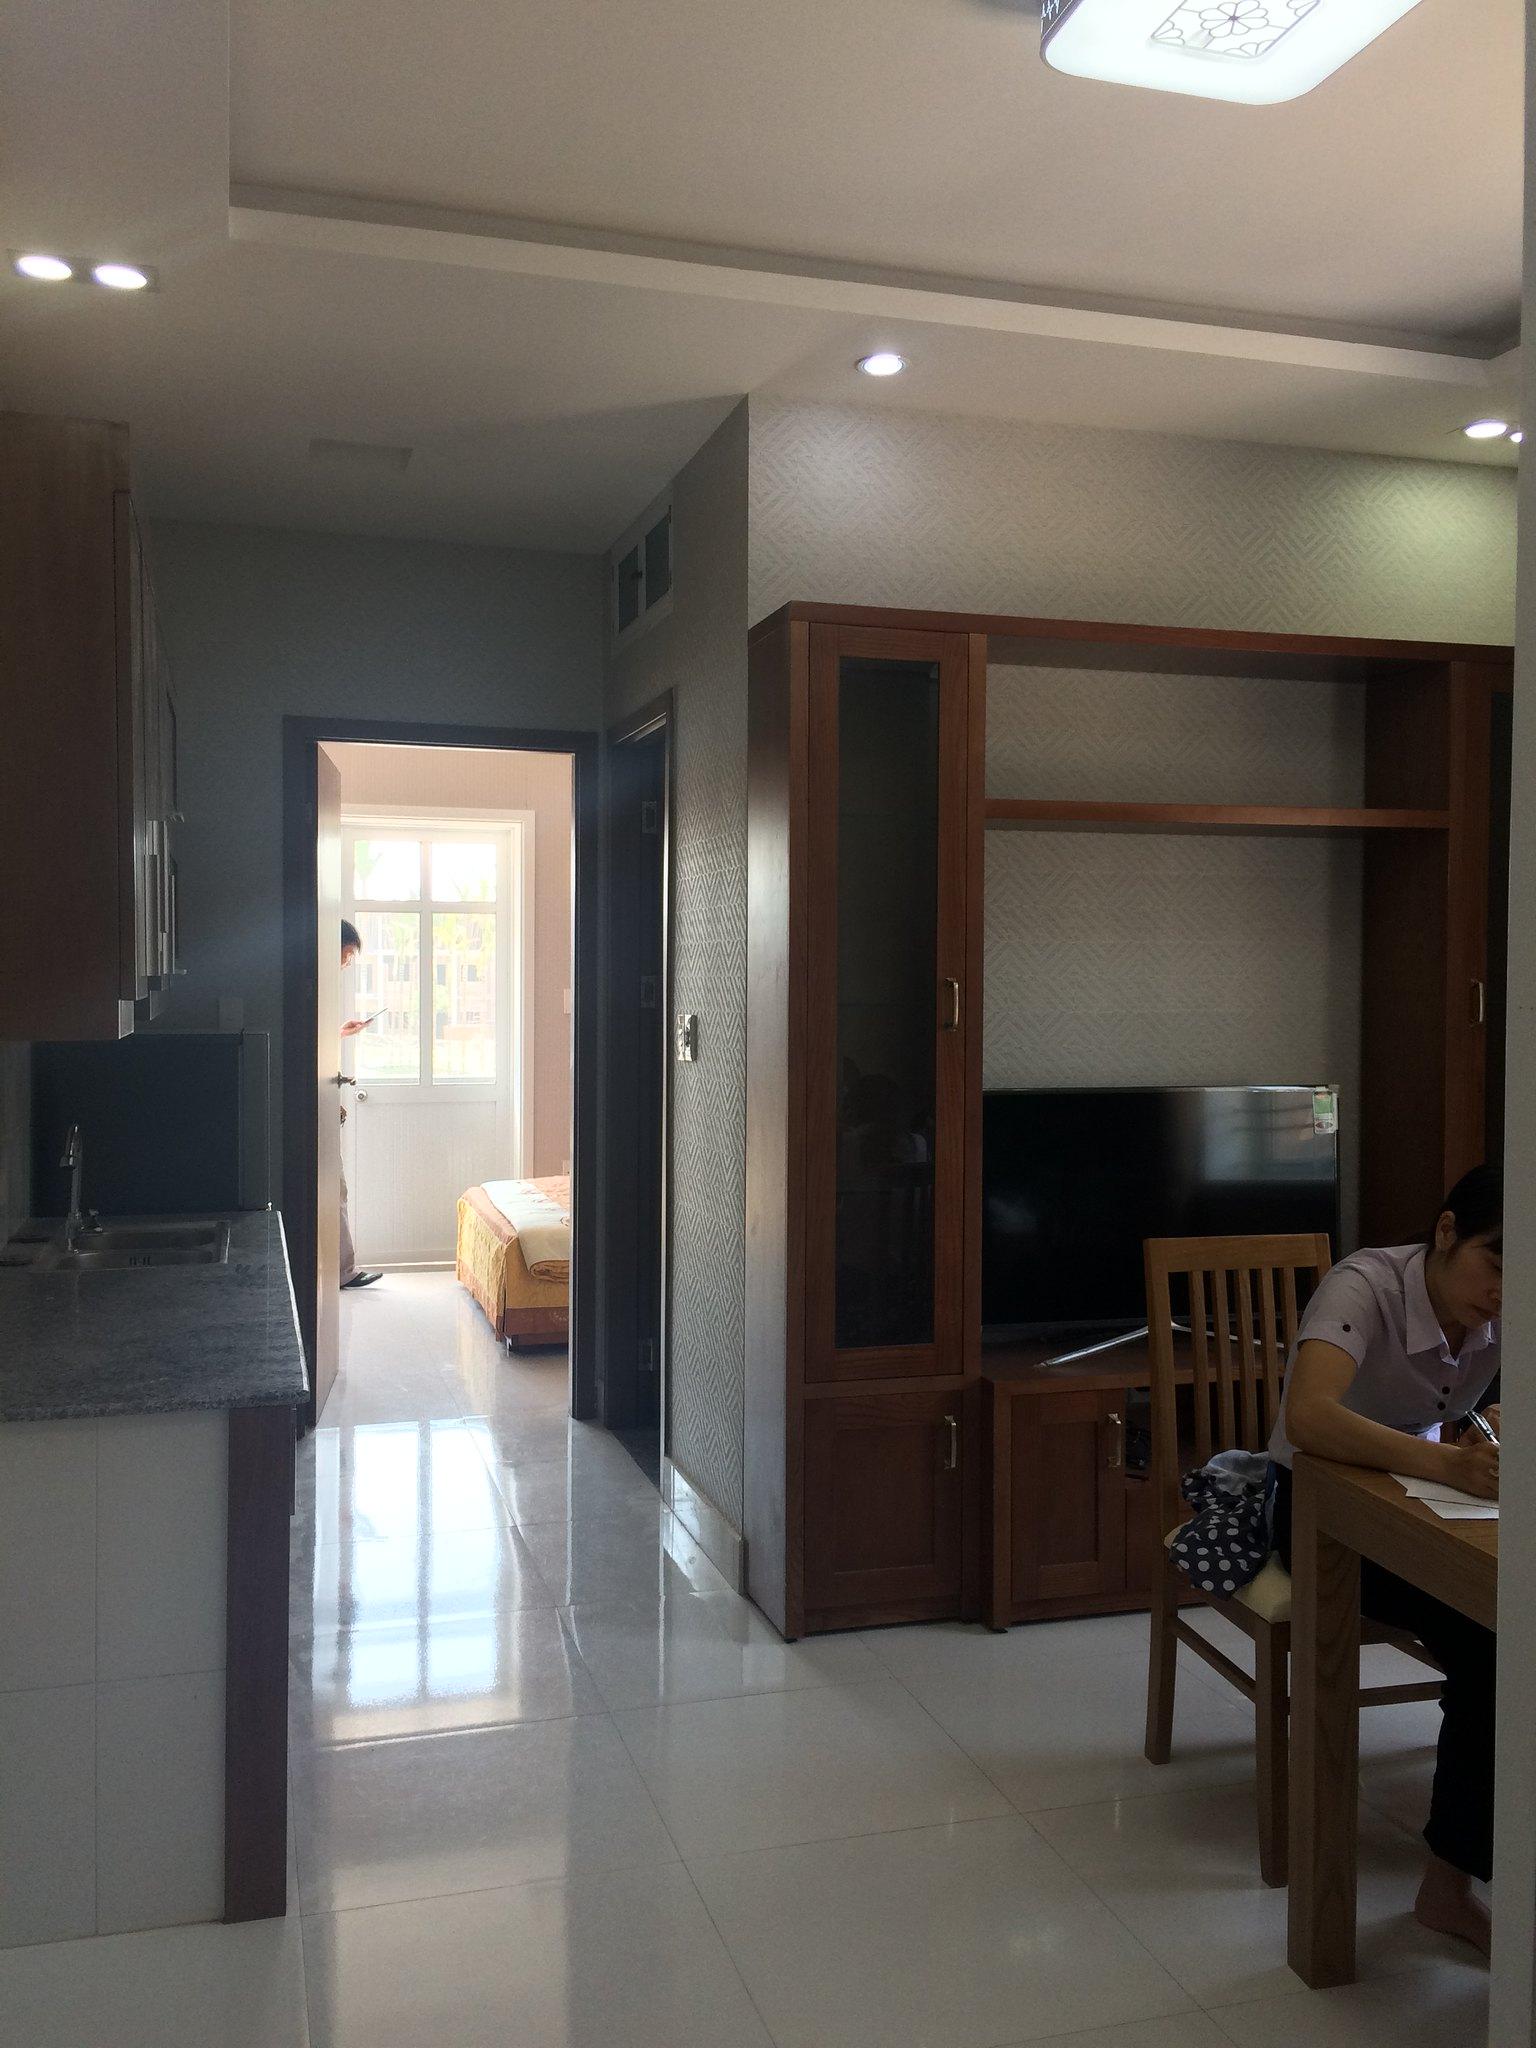 """Bán nhà tại Golden Land An Đồng- Thiết kế nội thất Golden Land  <img src=""""images/"""" width="""""""" height="""""""" alt=""""Công ty Bất Động Sản Tanlong Land"""">"""